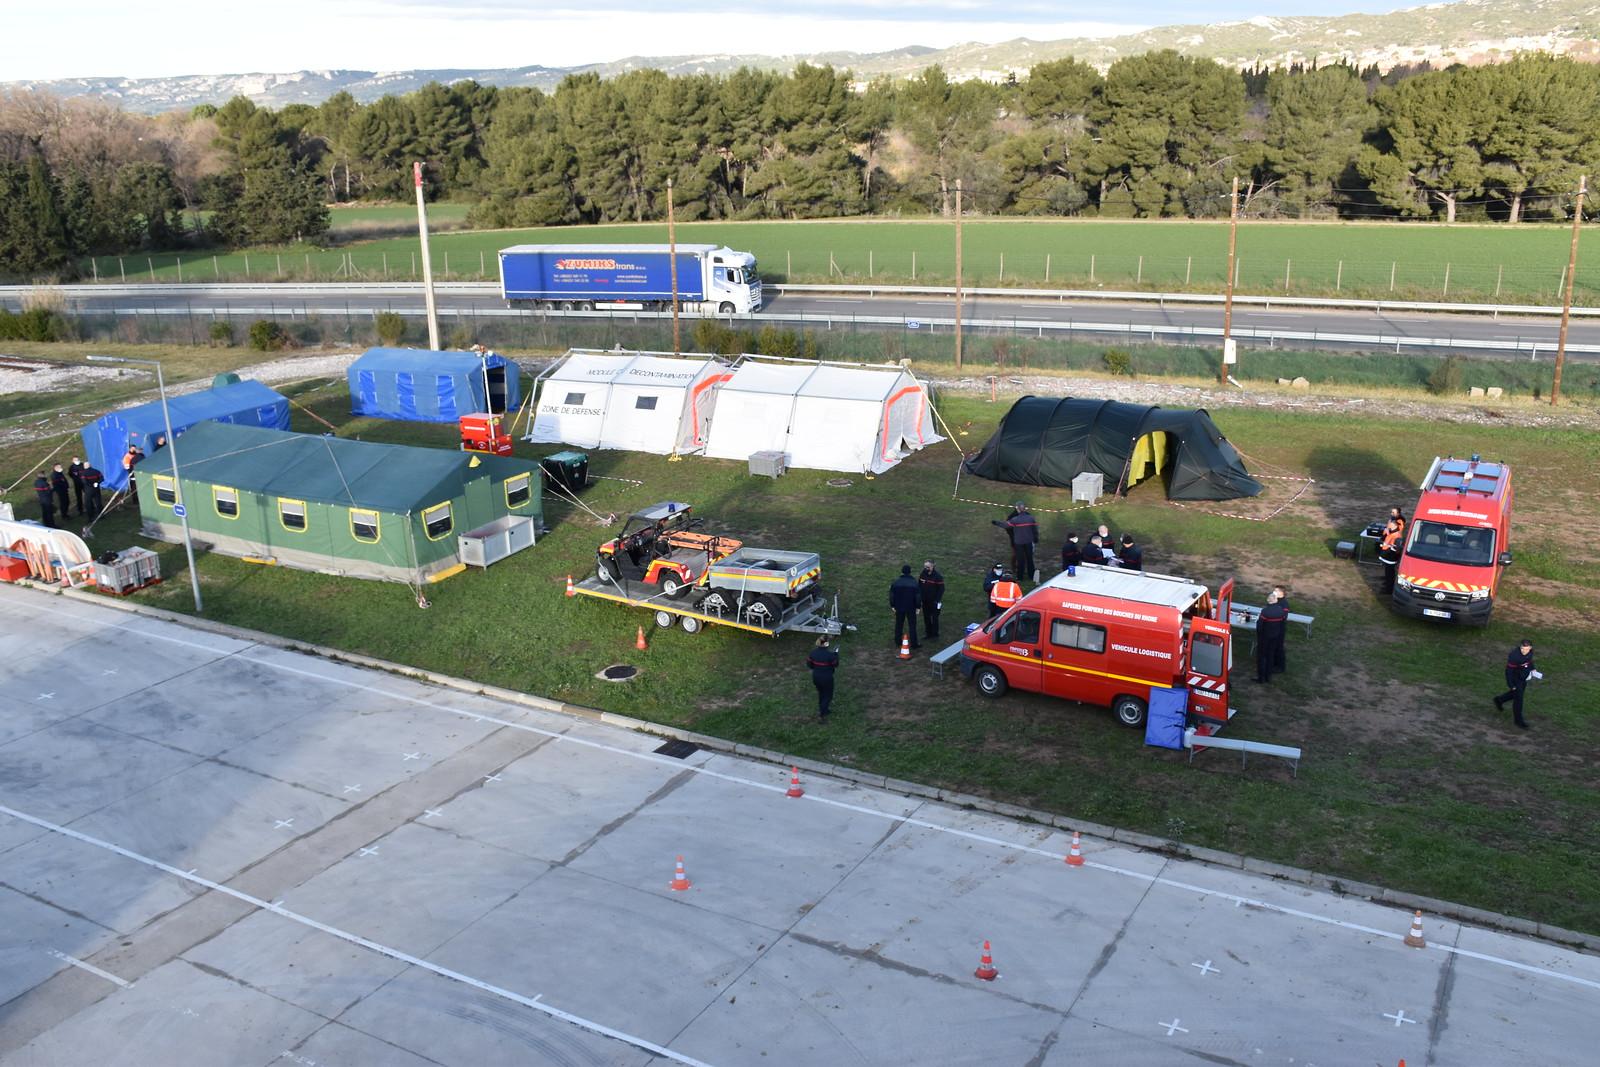 La cellule hébergement, un soutien de taille pour les Pompiers13